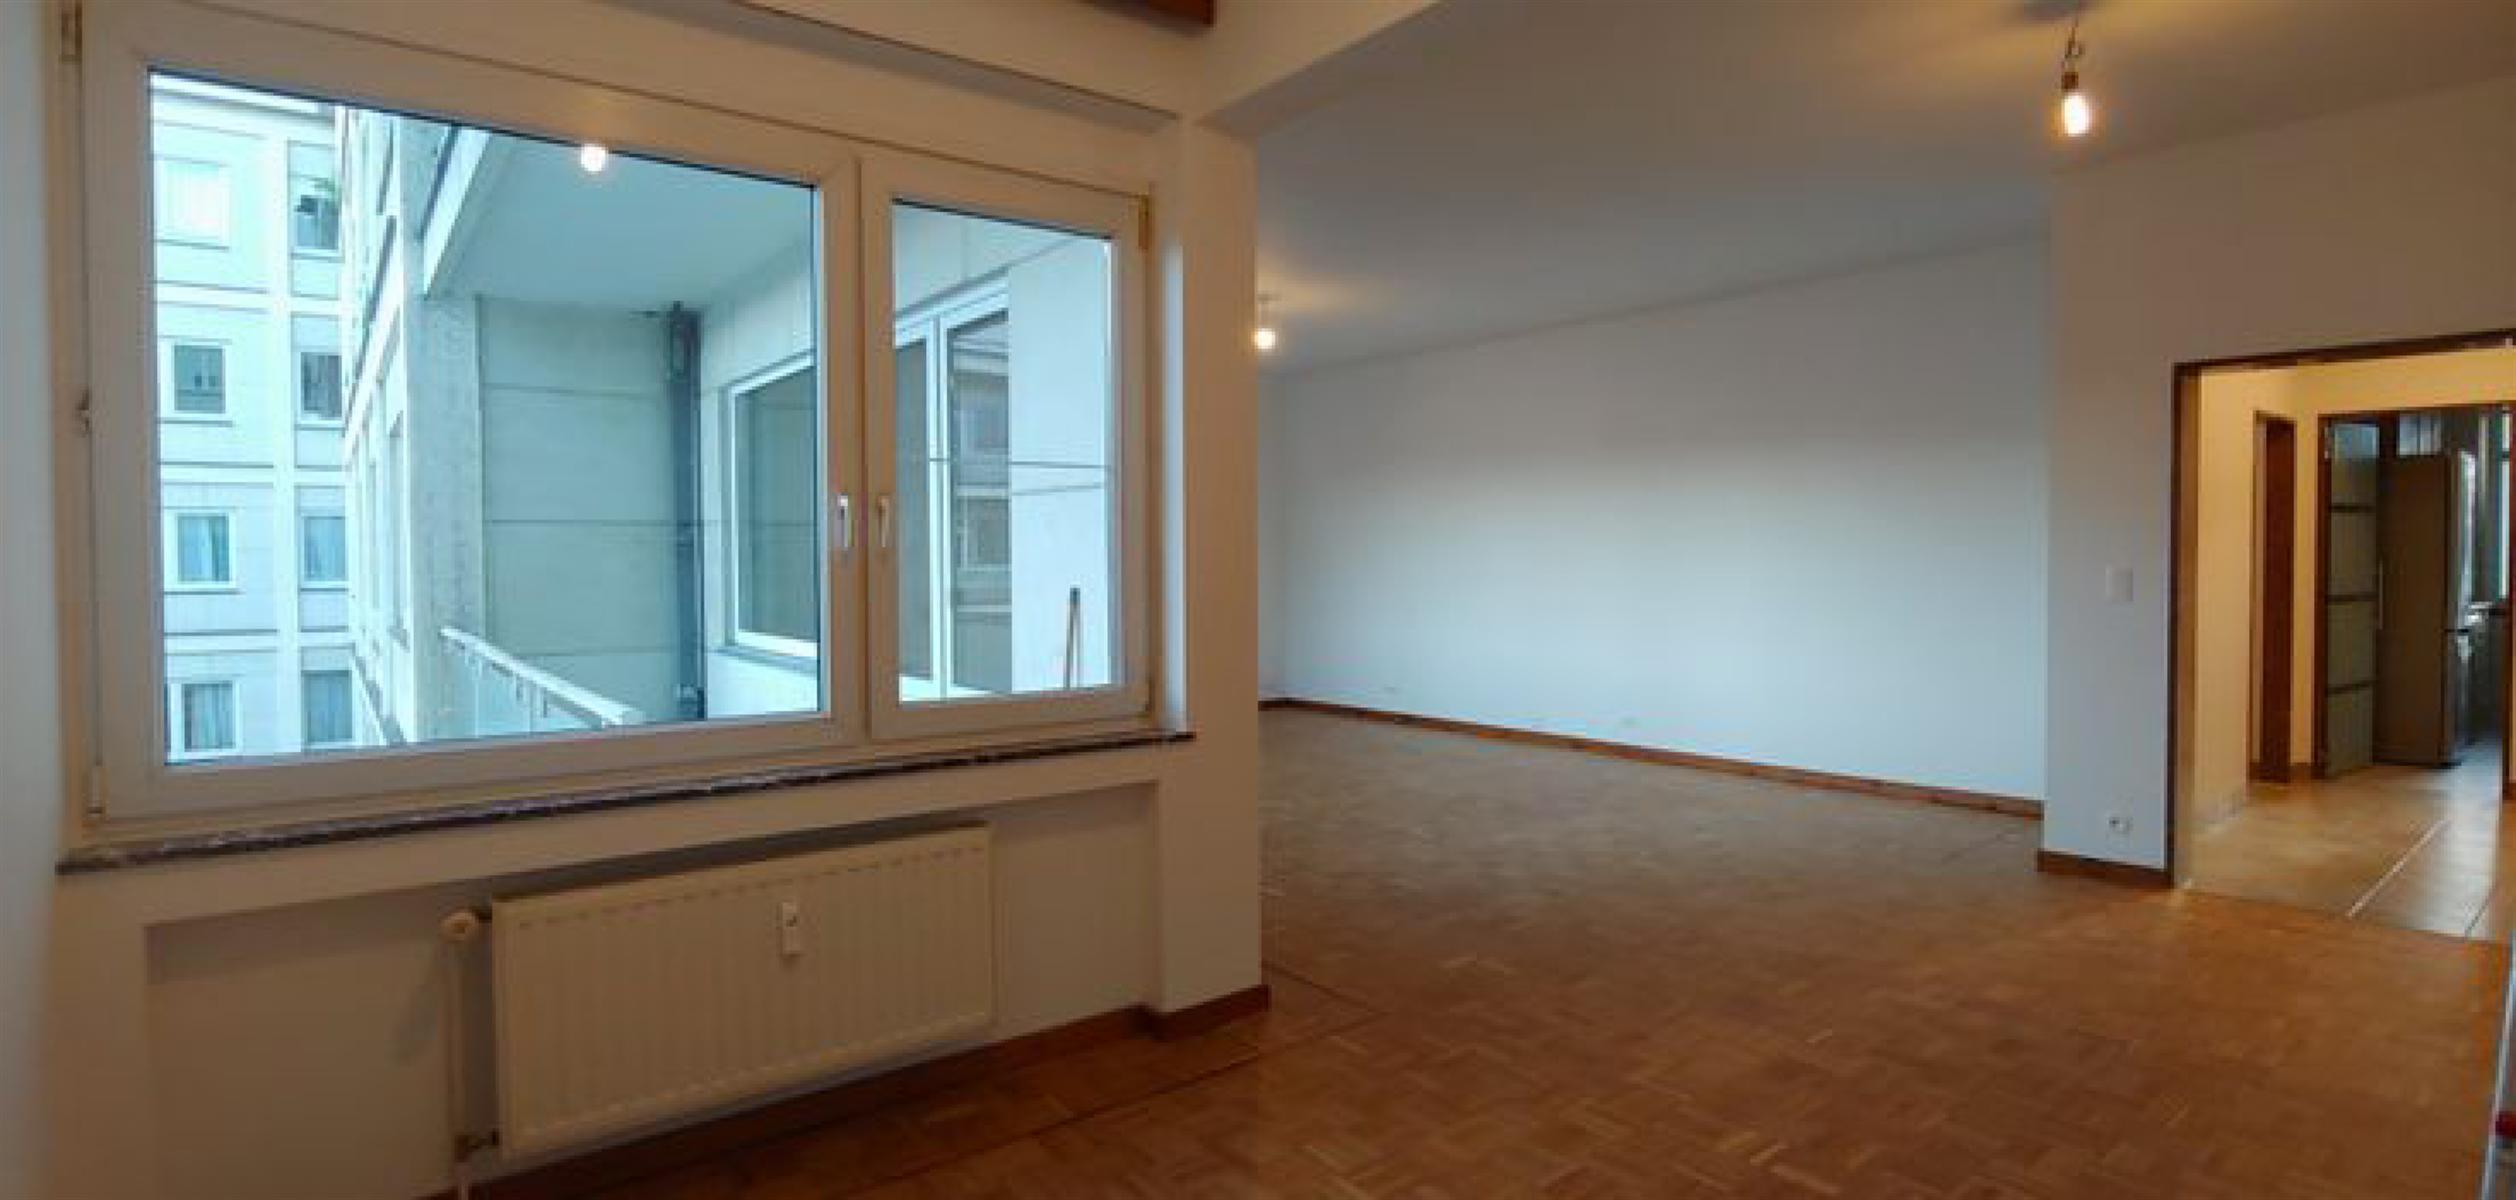 Appartement - Etterbeek - #4526474-2